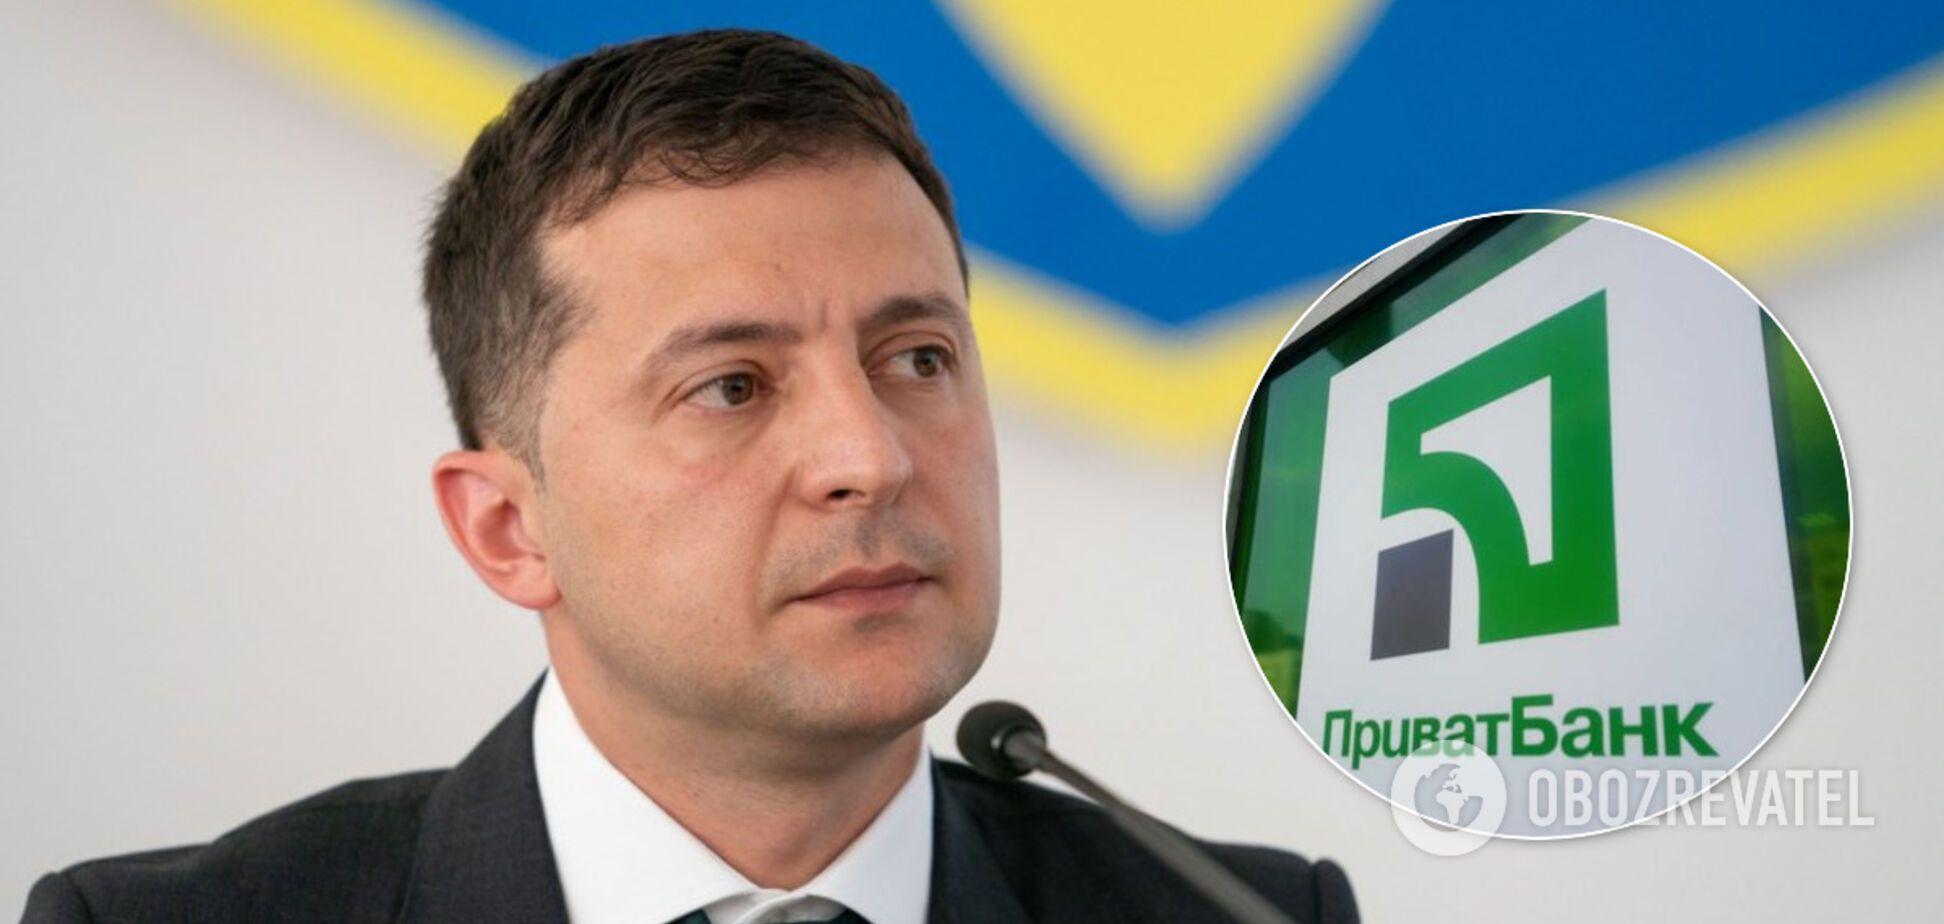 У Порошенка закликали Зеленського терміново підписати закон про банки